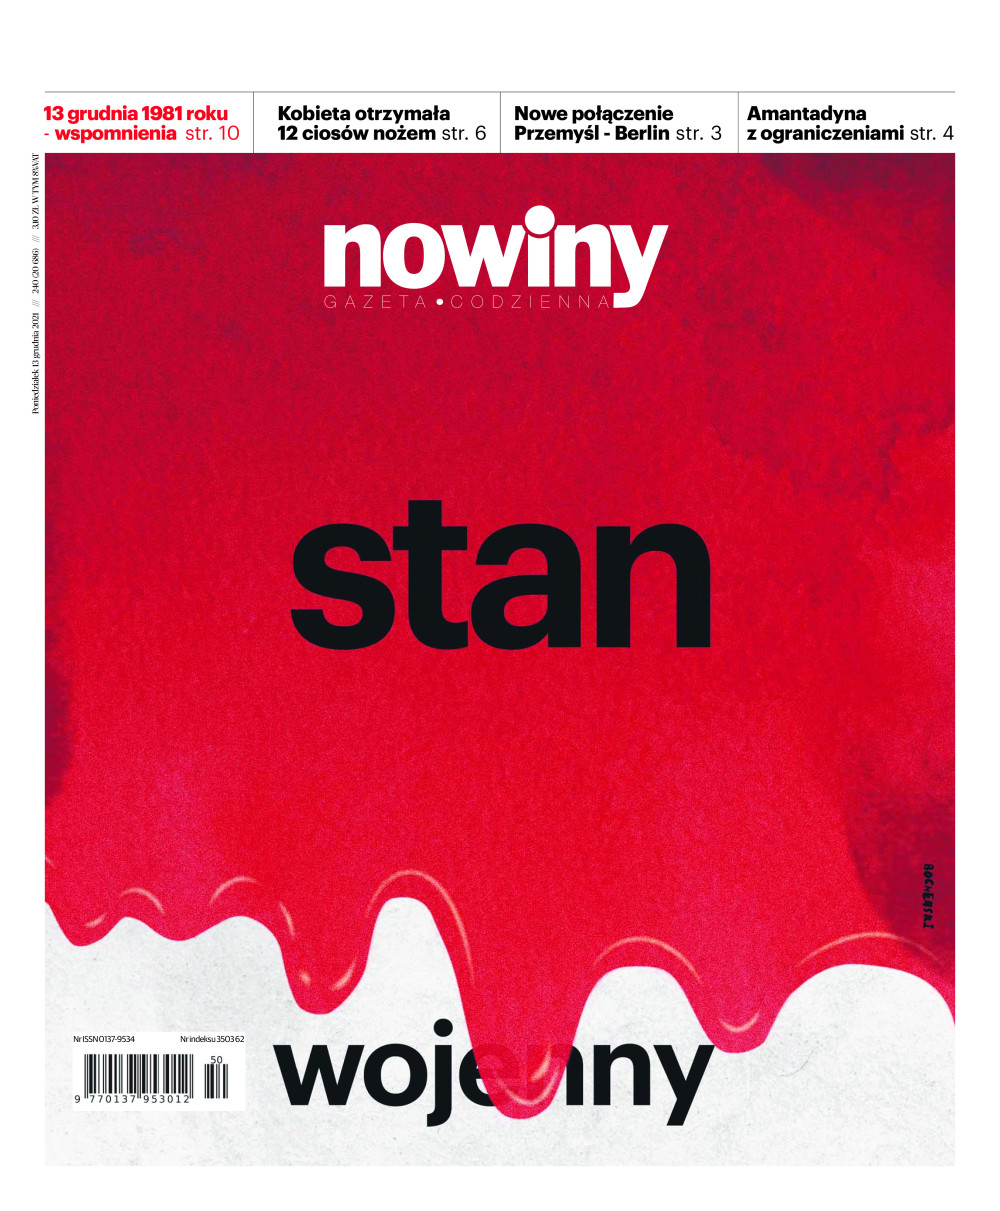 Gazeta Codzienna Nowiny - wydanie Rzeszów - e-wydanie